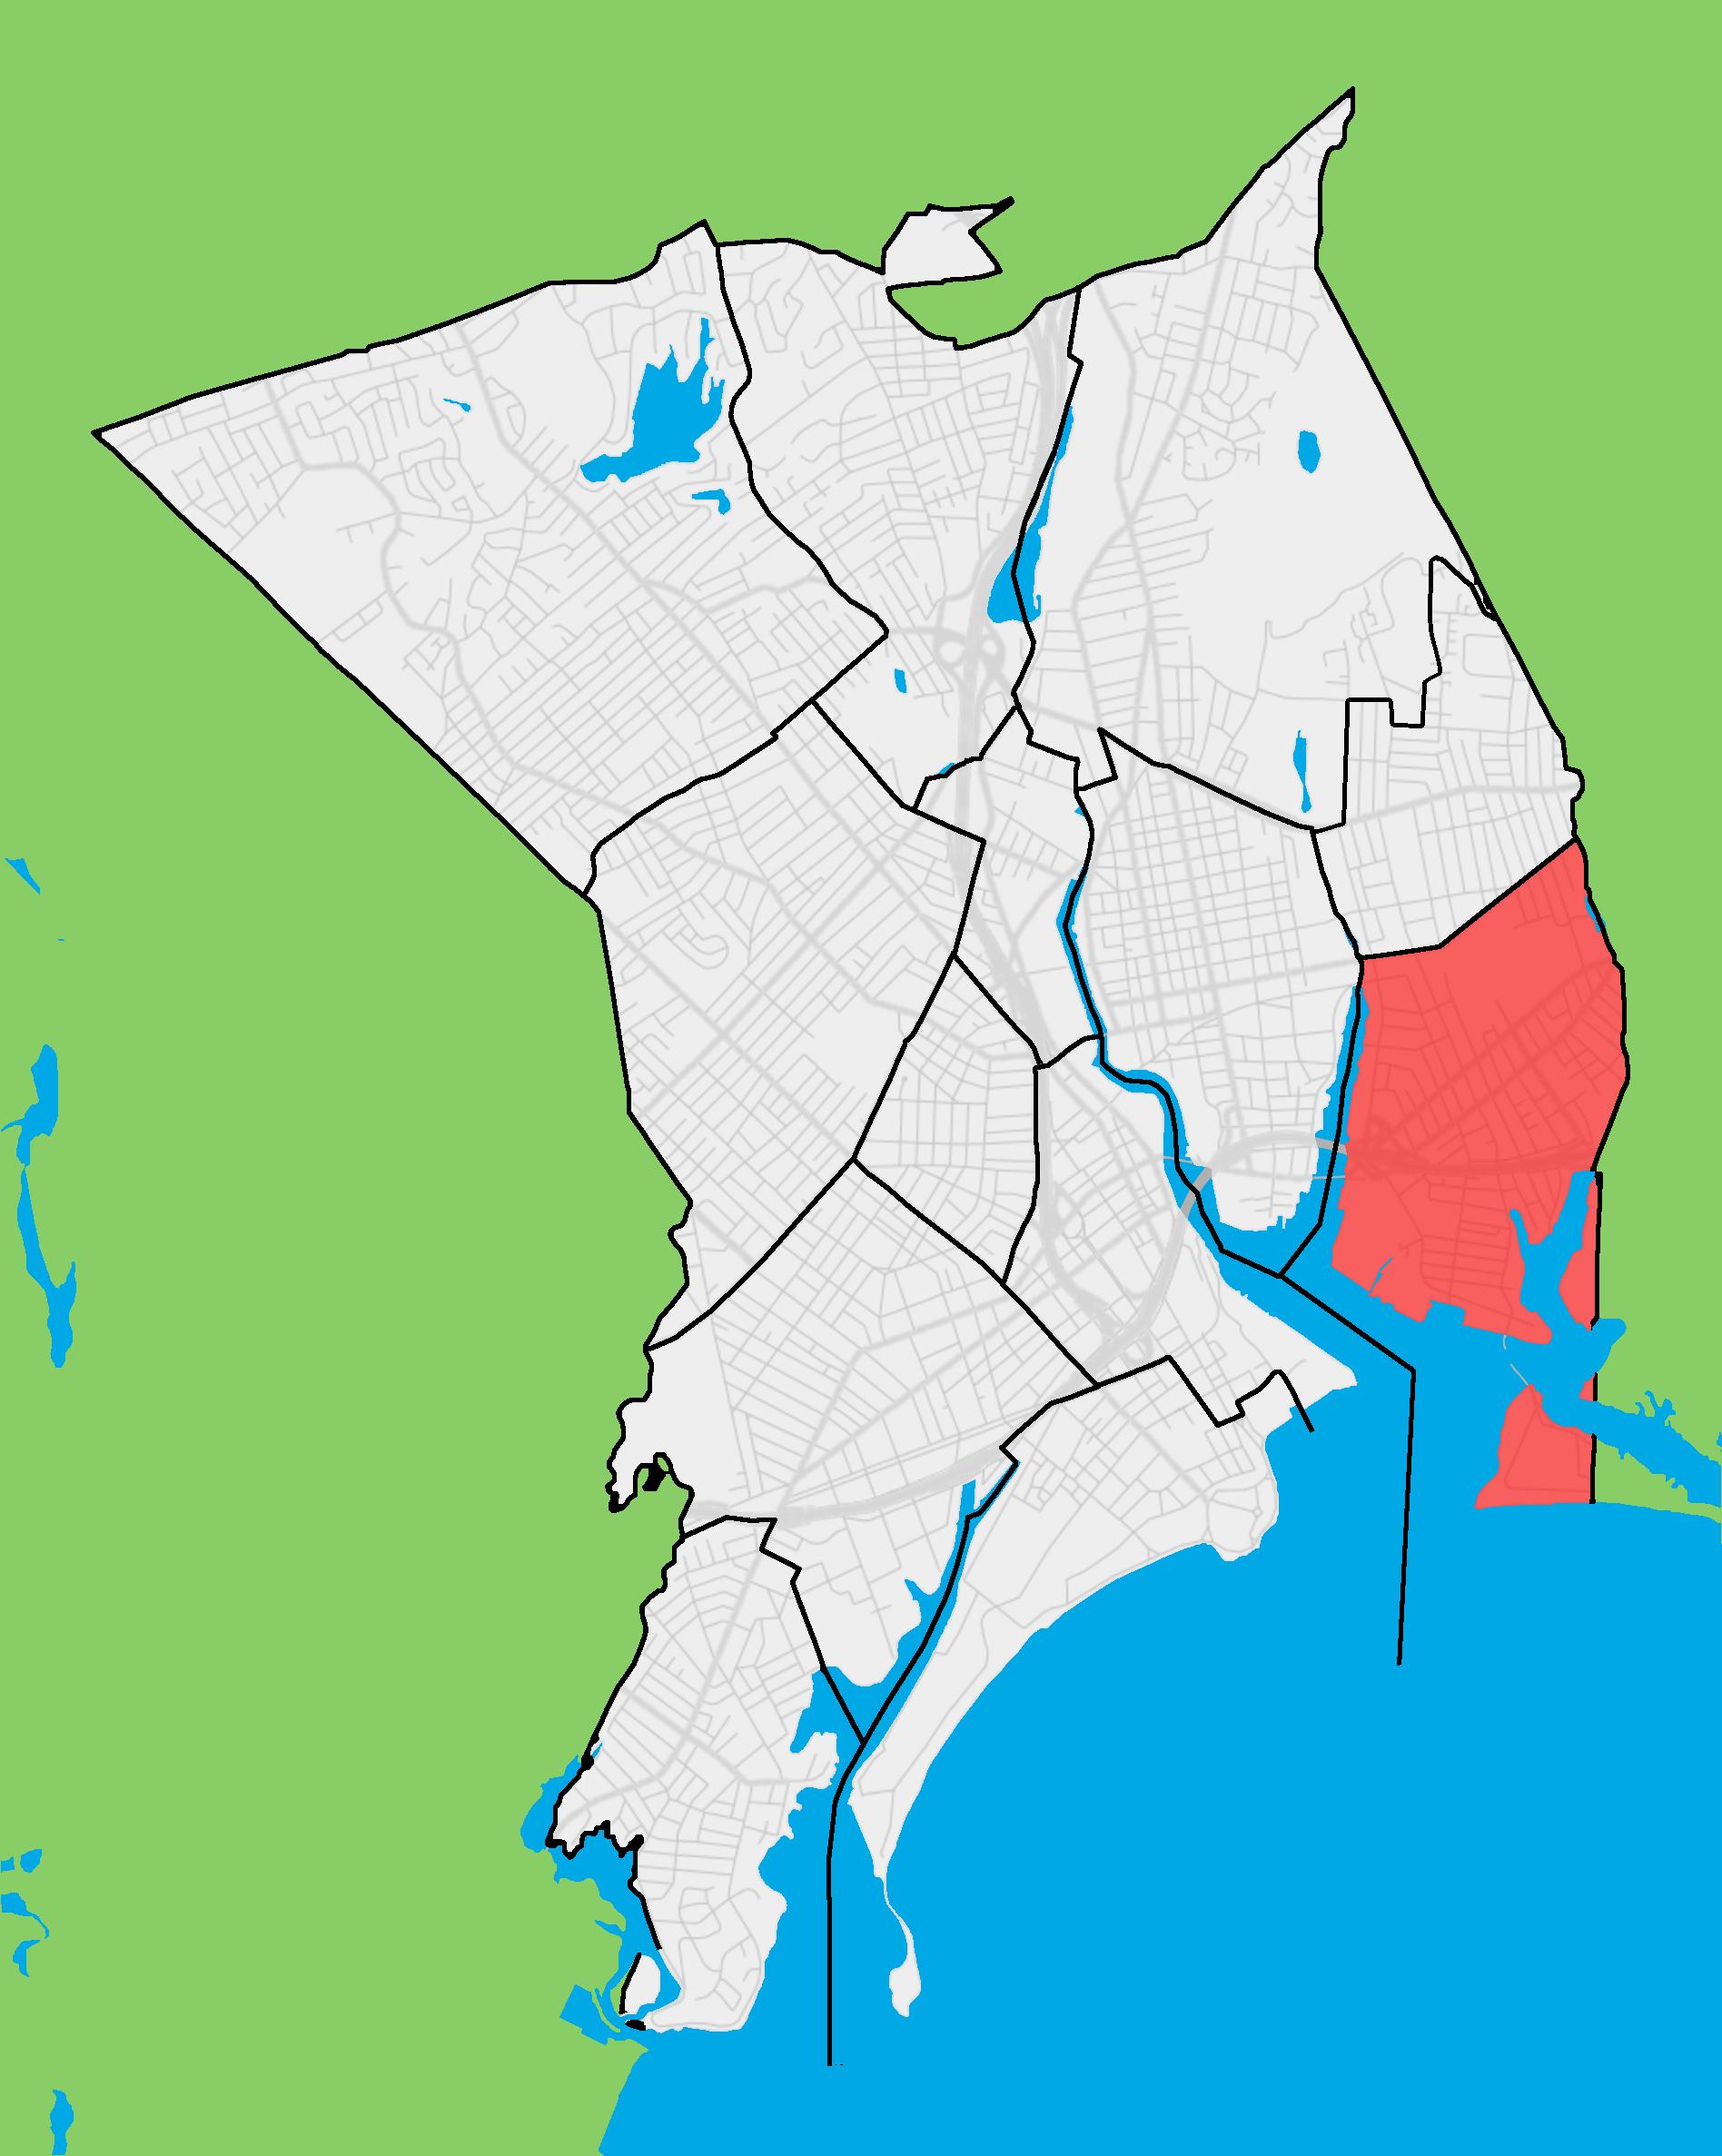 FileBridgeport neighborhood map East Endpng Wikimedia Commons